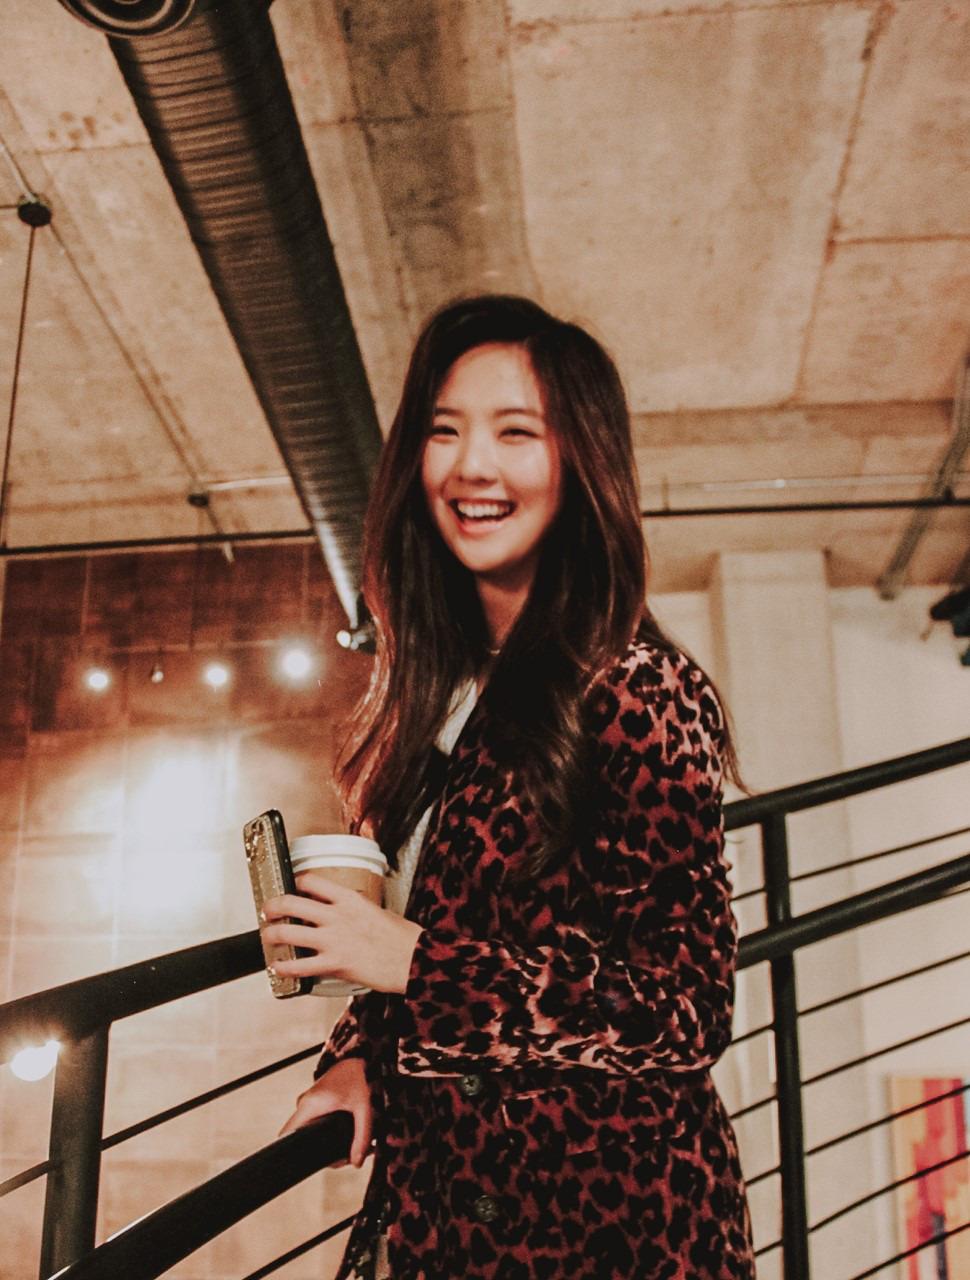 Ruby Rhee